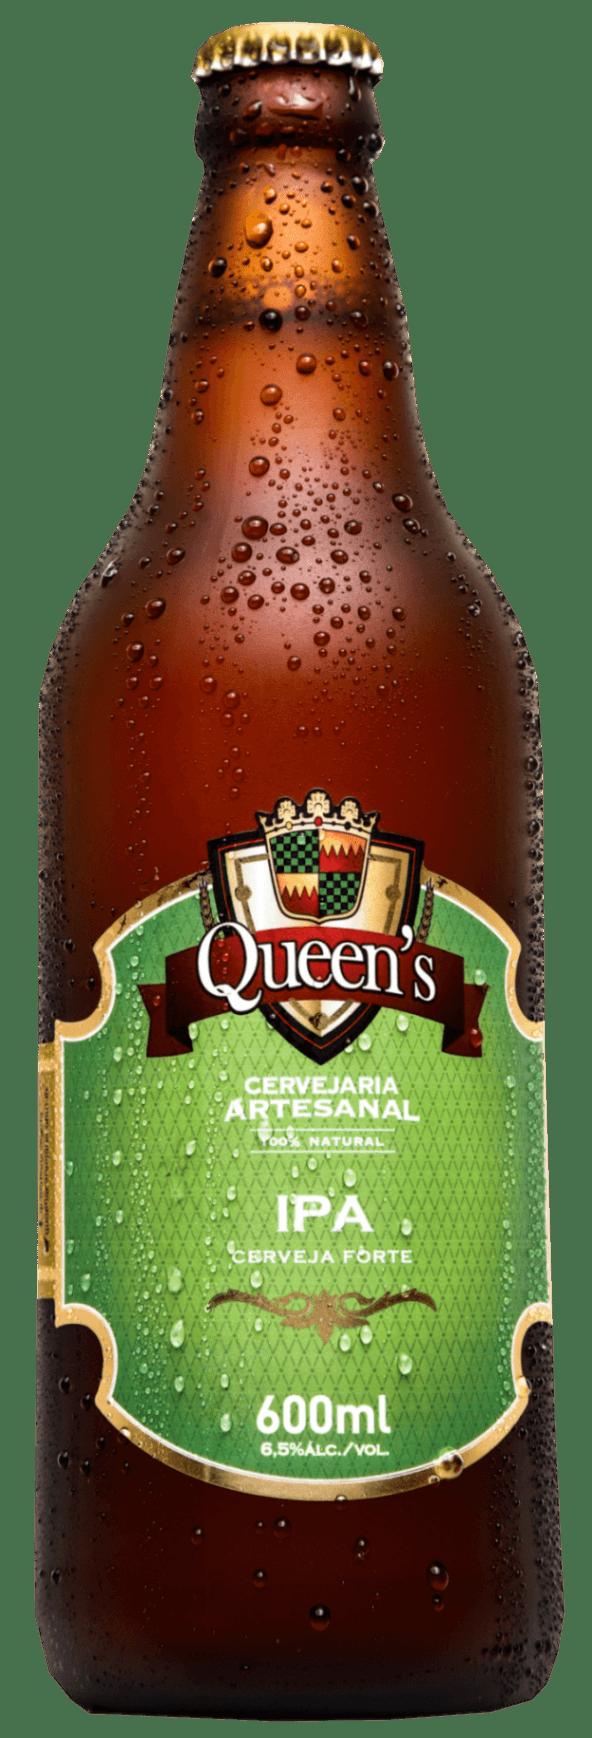 Queen's IPA